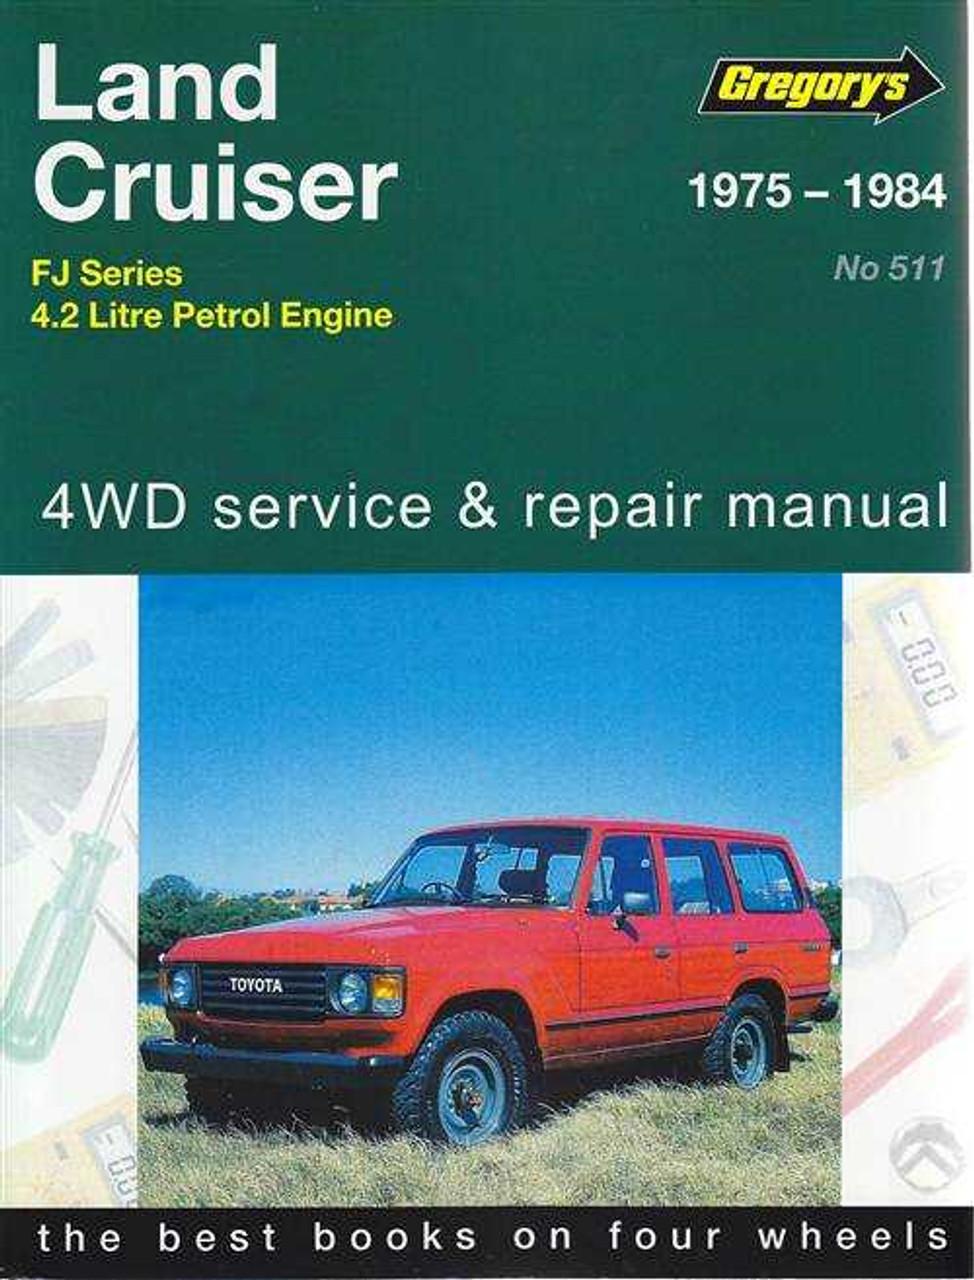 toyota land cruiser fj series fj40 fj45 fj55 fj60 1975 1984 rh automotobookshop com au FJ Cruiser Logo Blue FJ Cruiser